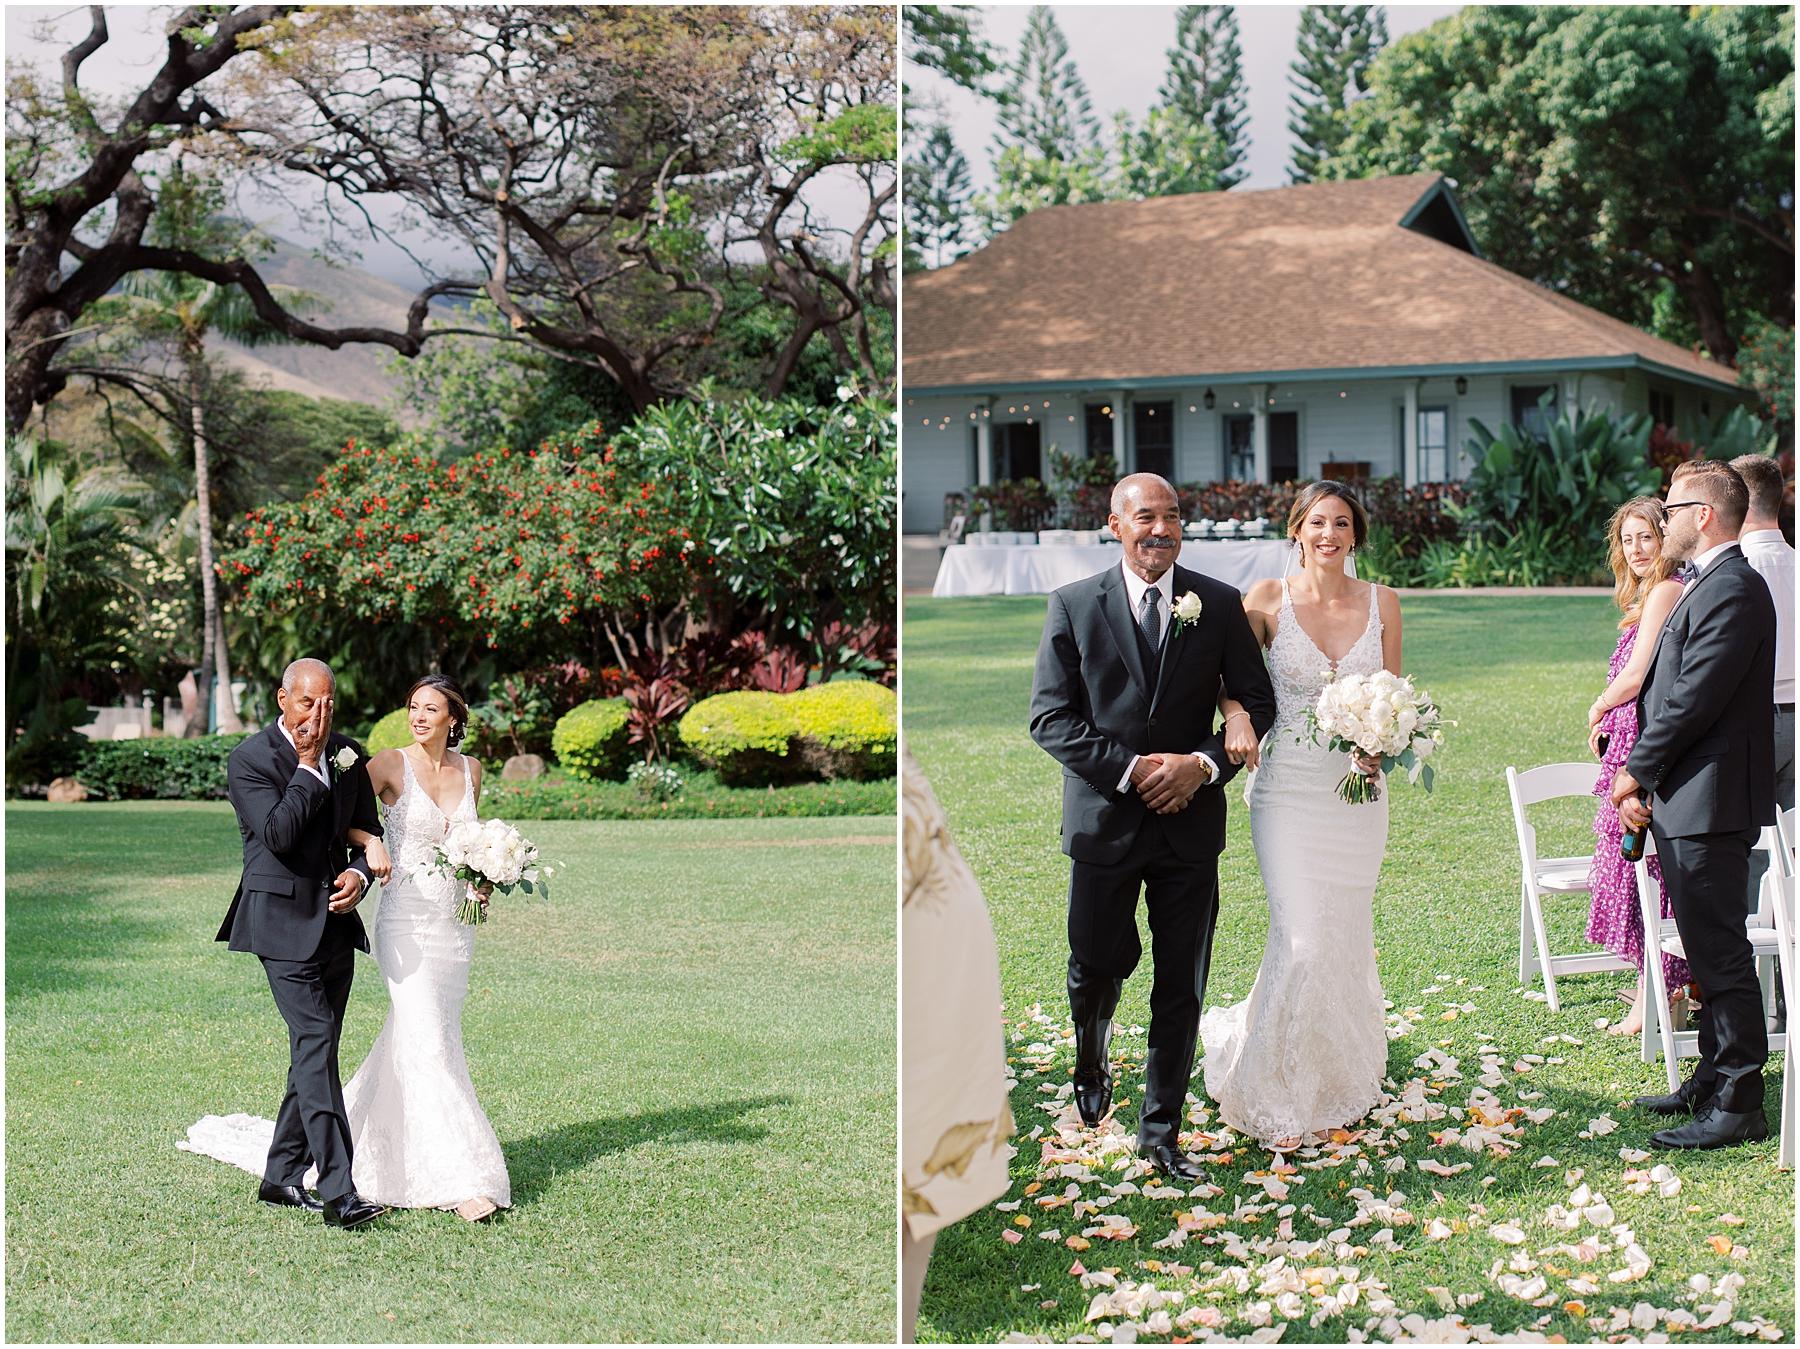 Olowalu-plantation-house-maui-hawaii-wedding-209.jpg